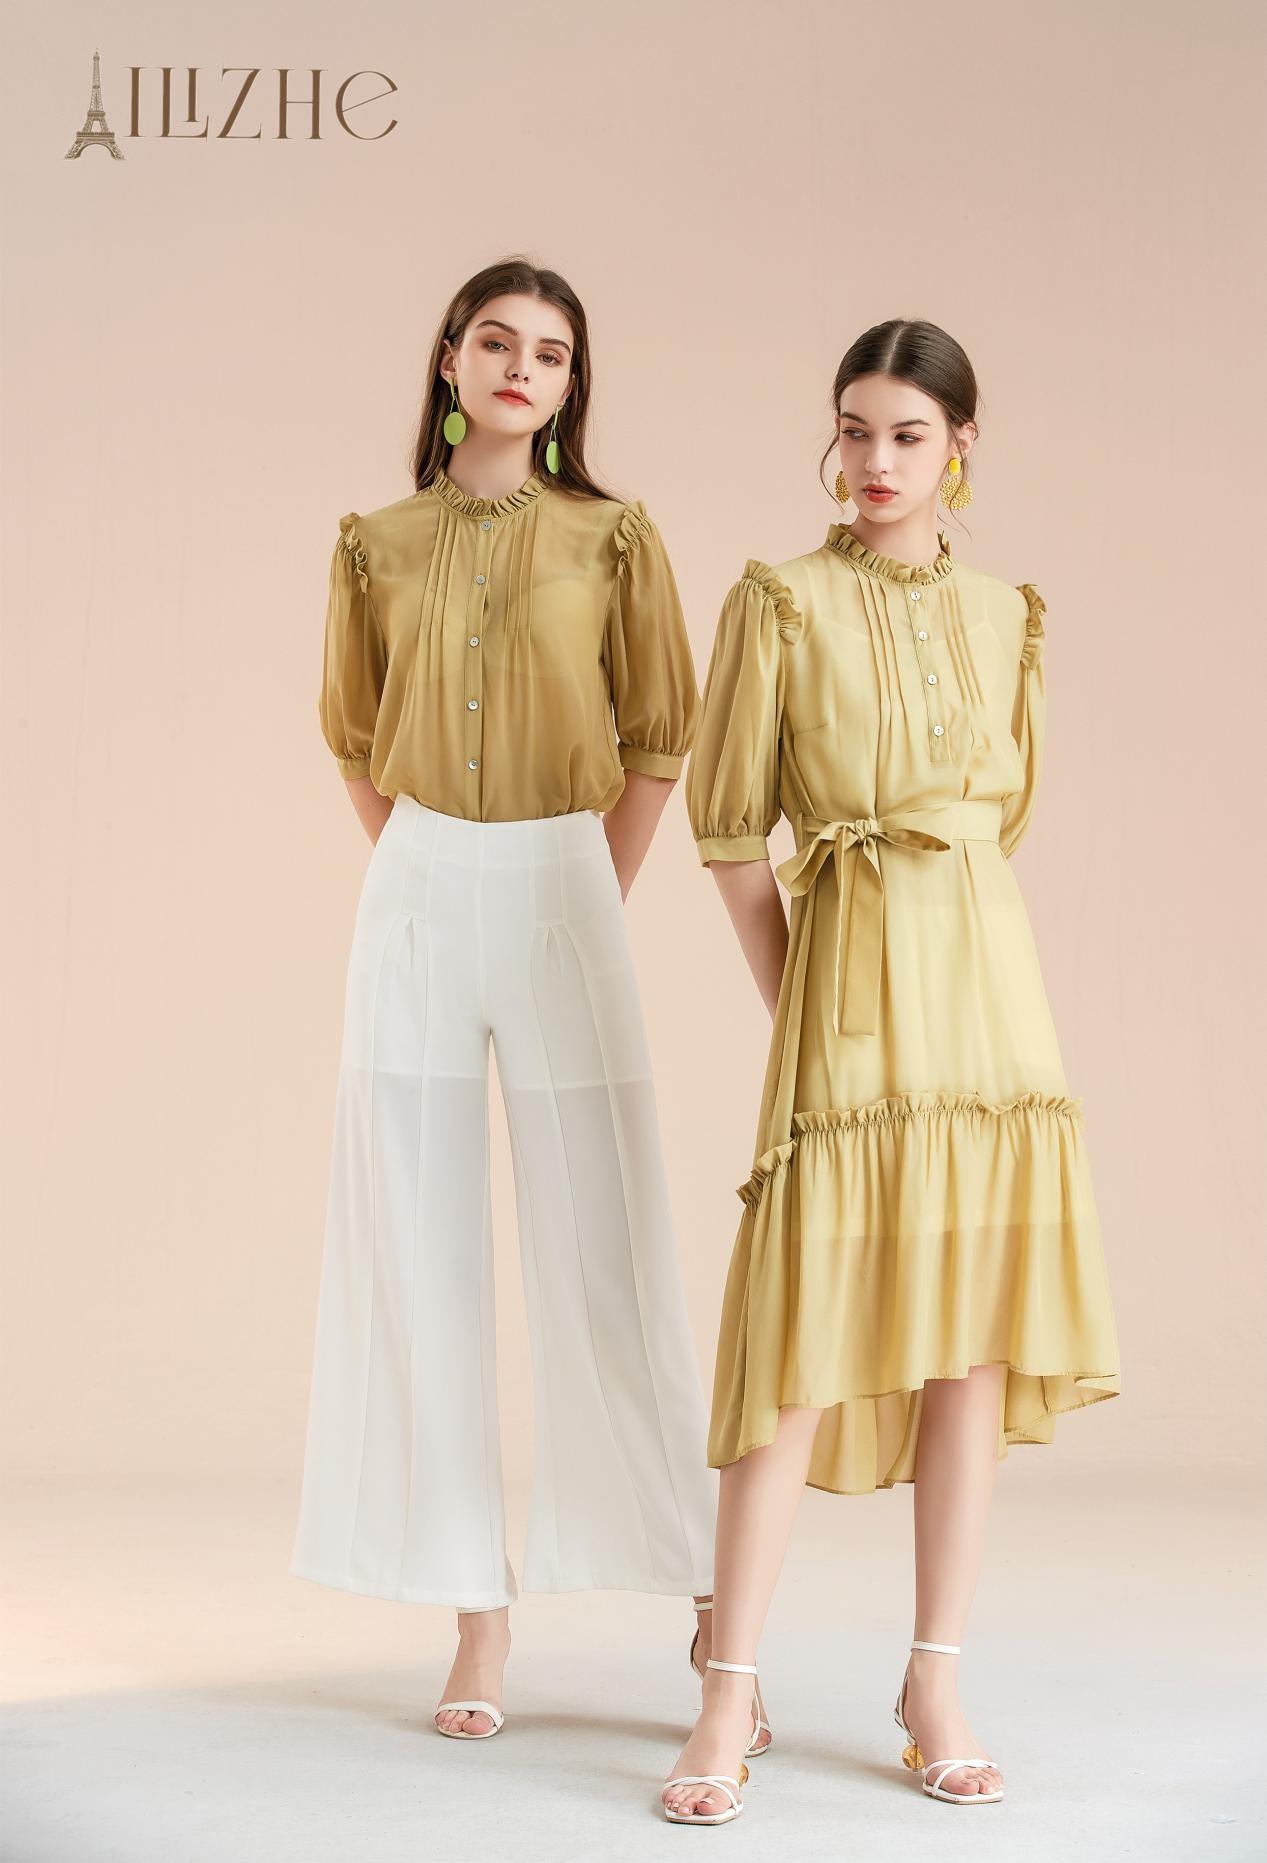 艾丽哲女装时尚品牌,为爱美的你打造百变风格